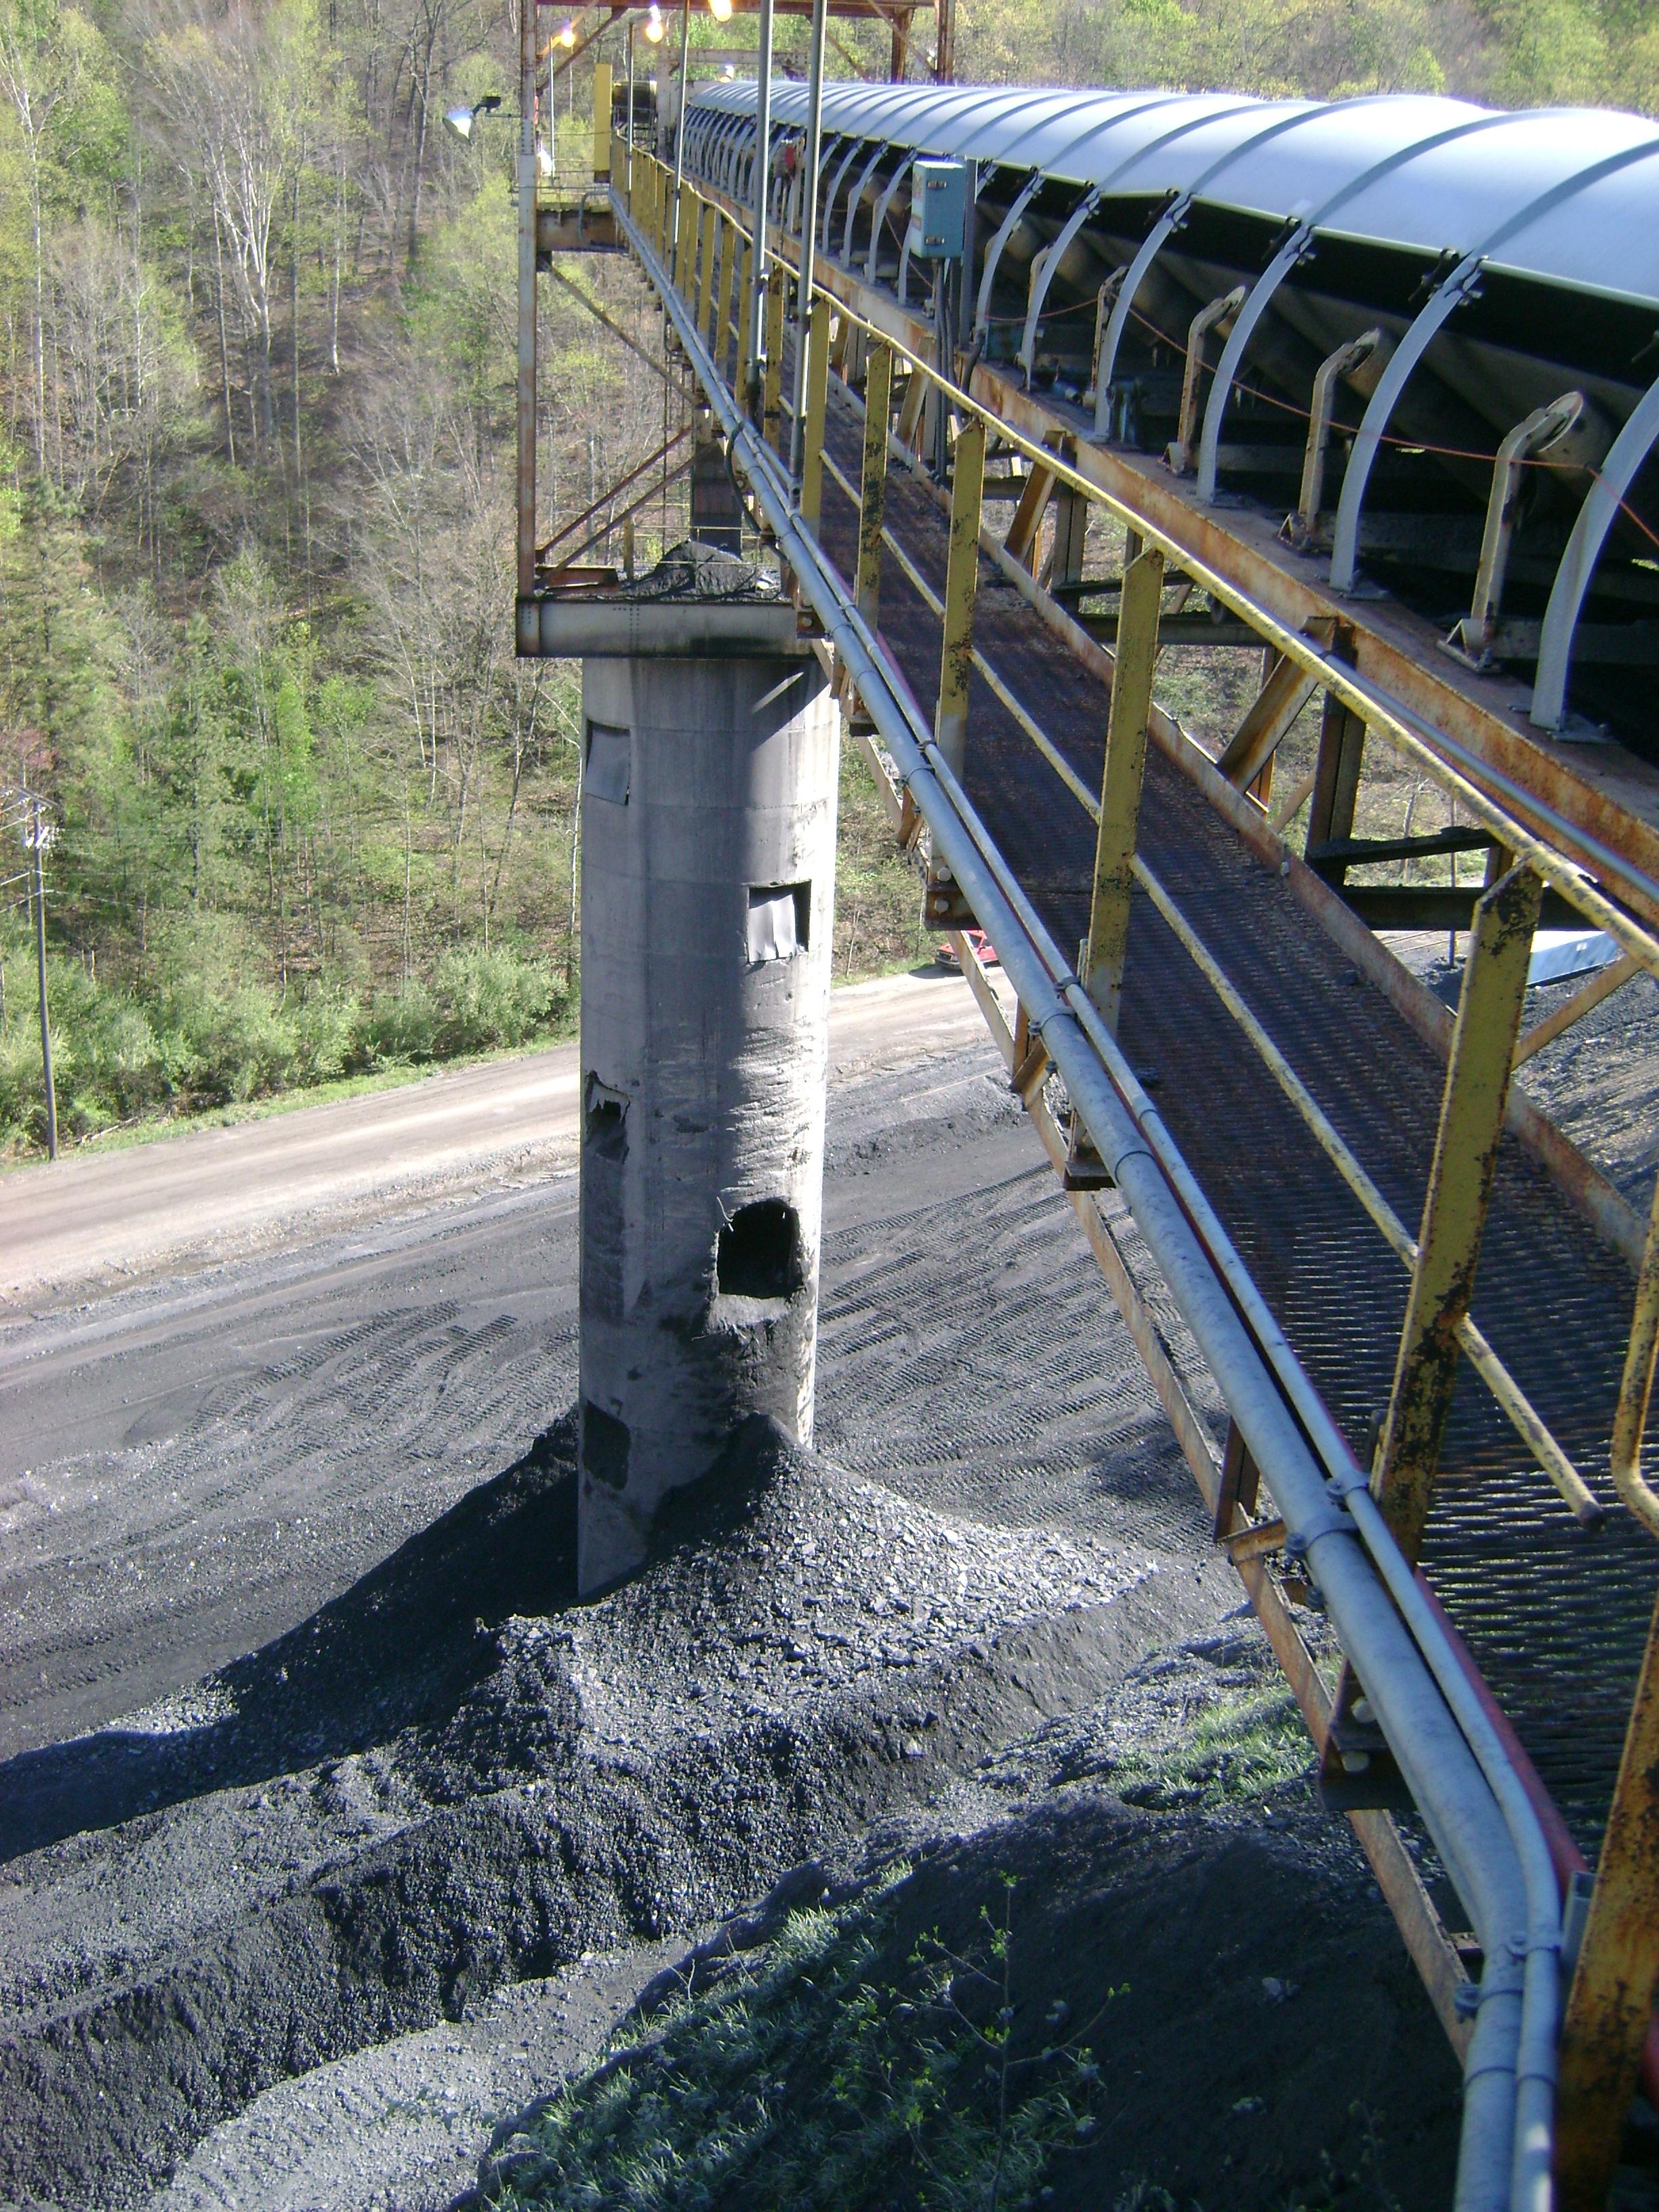 CoalVertical